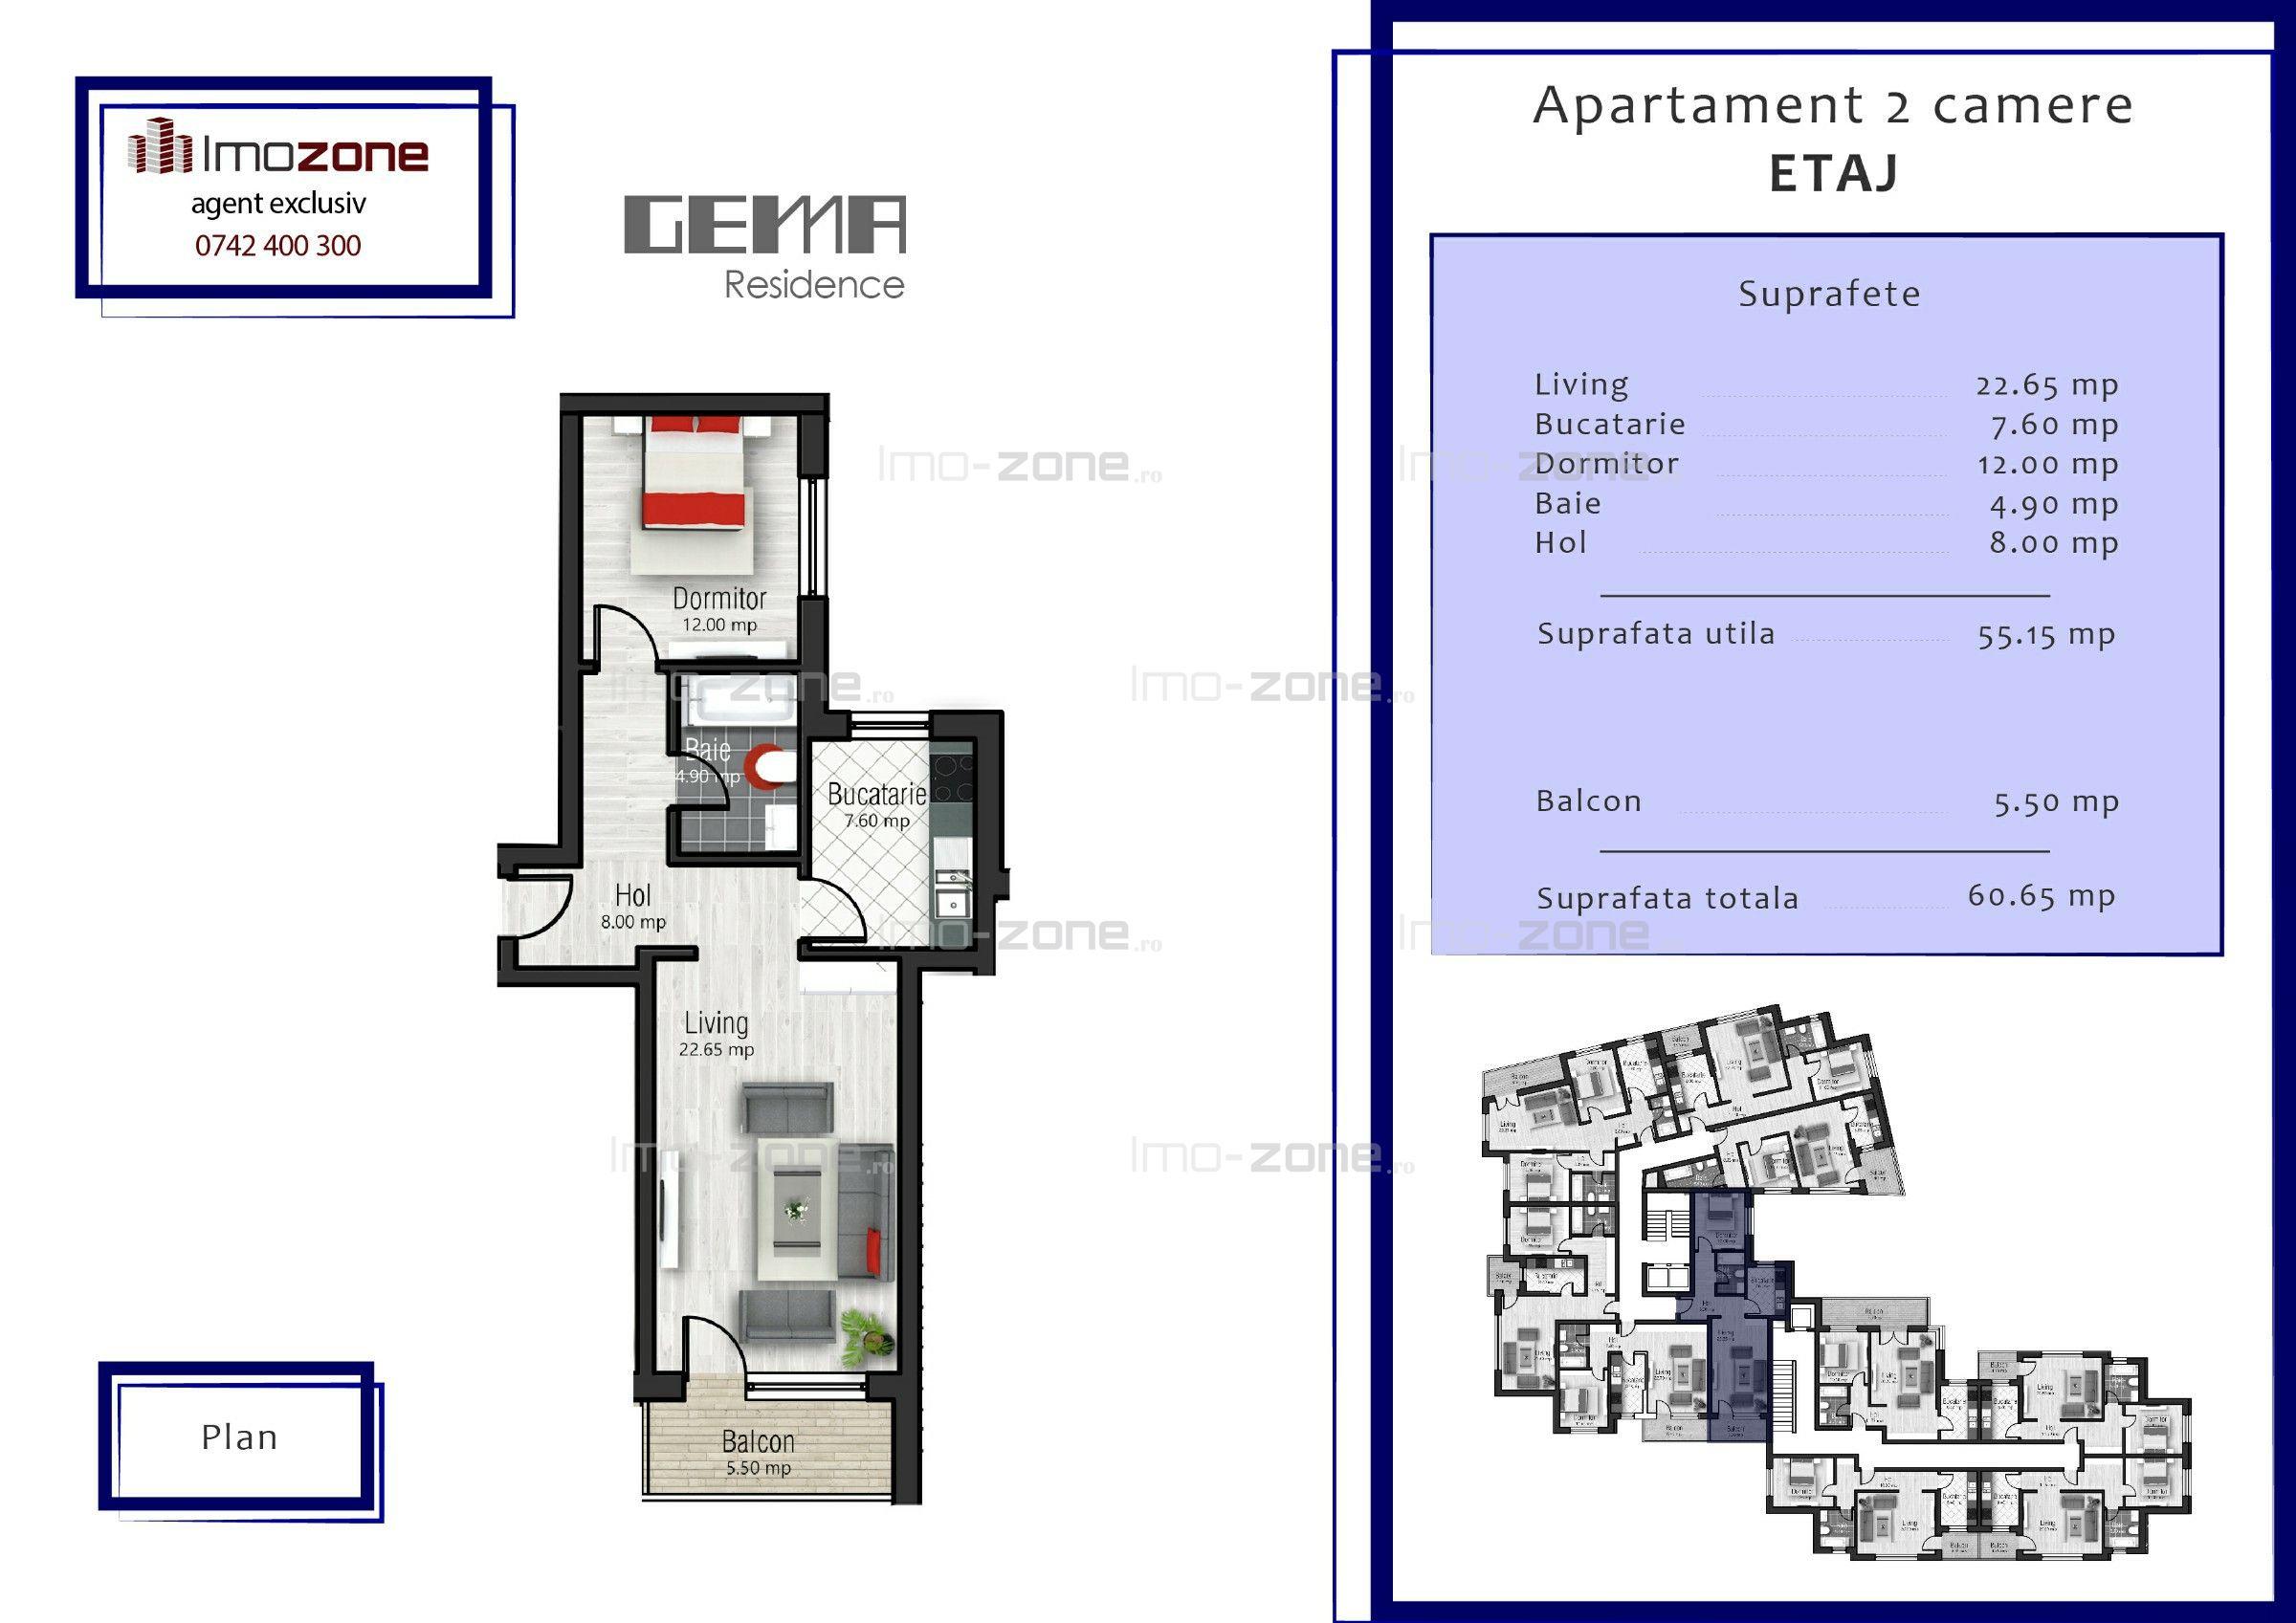 61 mp, 2 camere, localizat langa metrou, MILITARI - PACII, etajul 5.